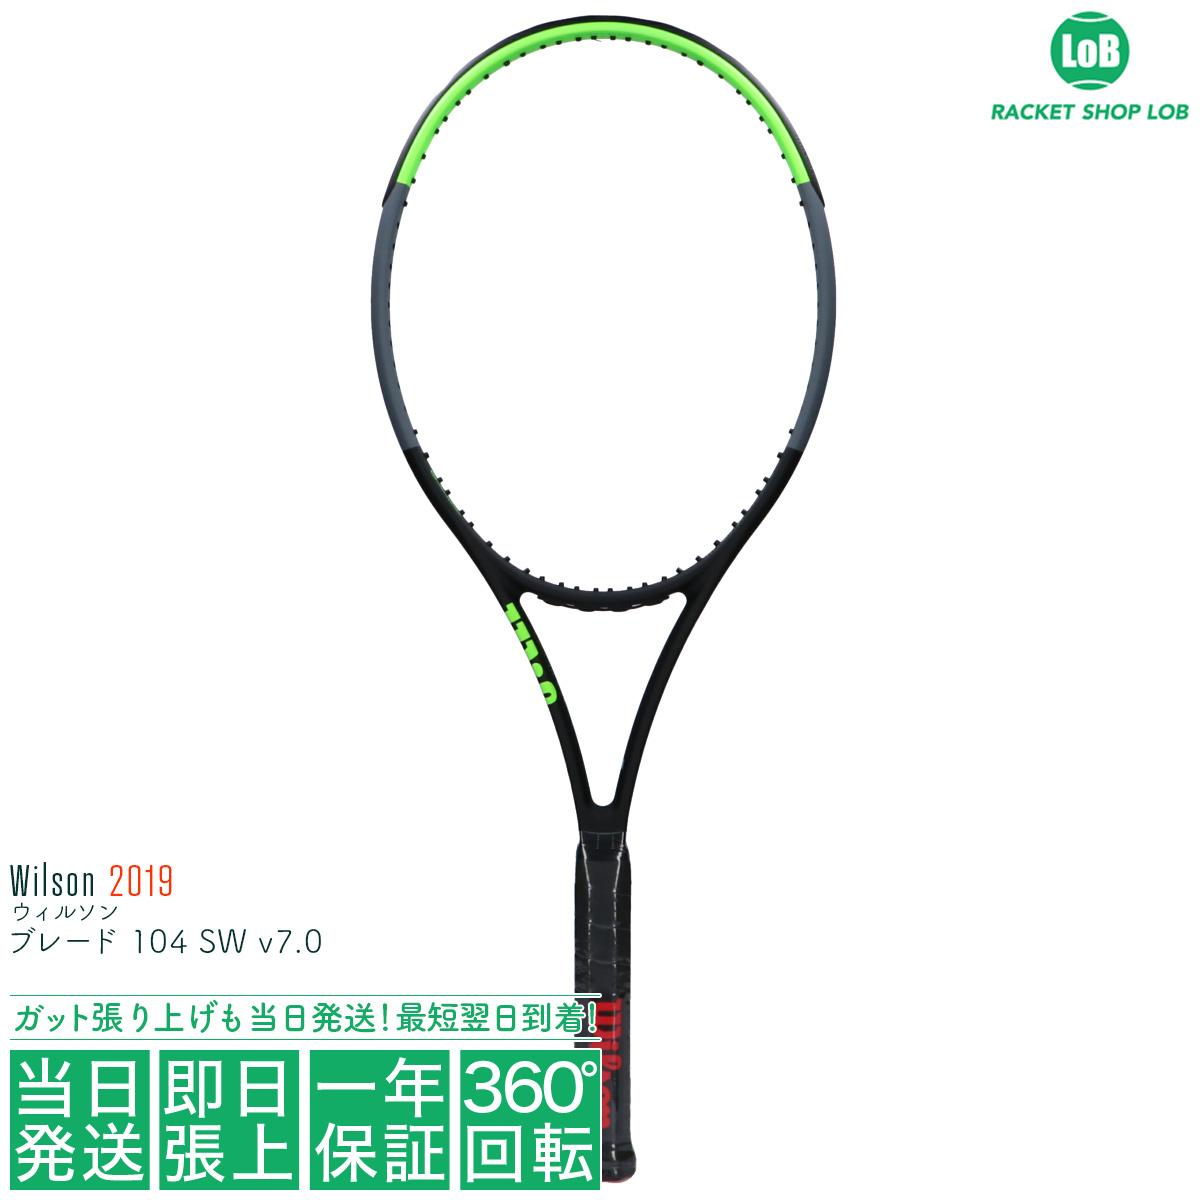 【クーポン利用で5%OFF!】ウィルソン ブレード 104 sw v7.0 2019(Wilson BLADE 104 SW v7.0)306g WR014211 硬式テニスラケット